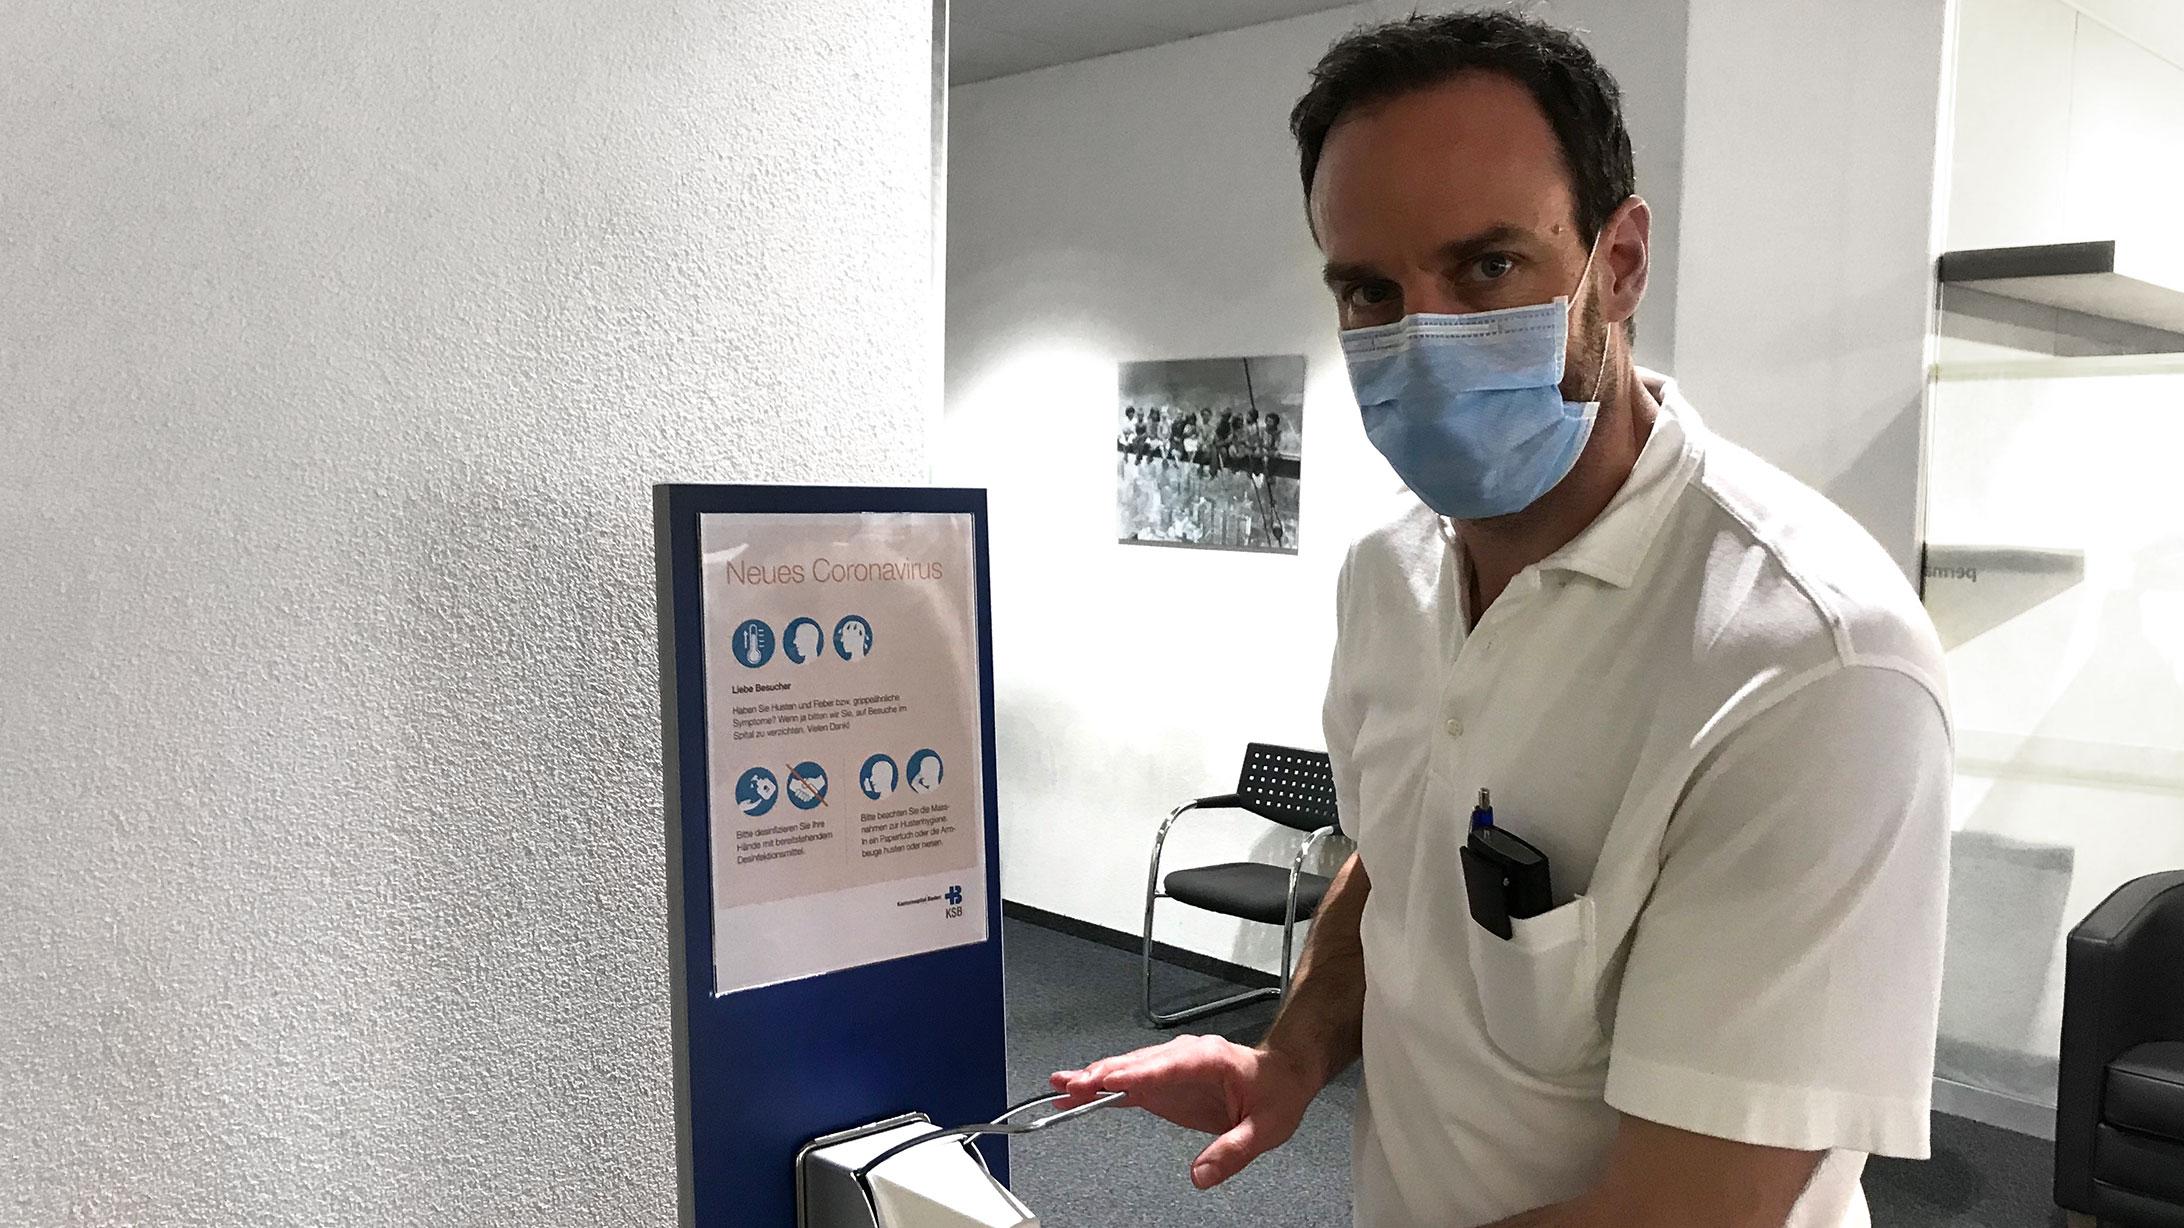 Pascal Köpfli, stellvertretender Leiter Kardiologie am KSB, desinfiziert sich die Hände.